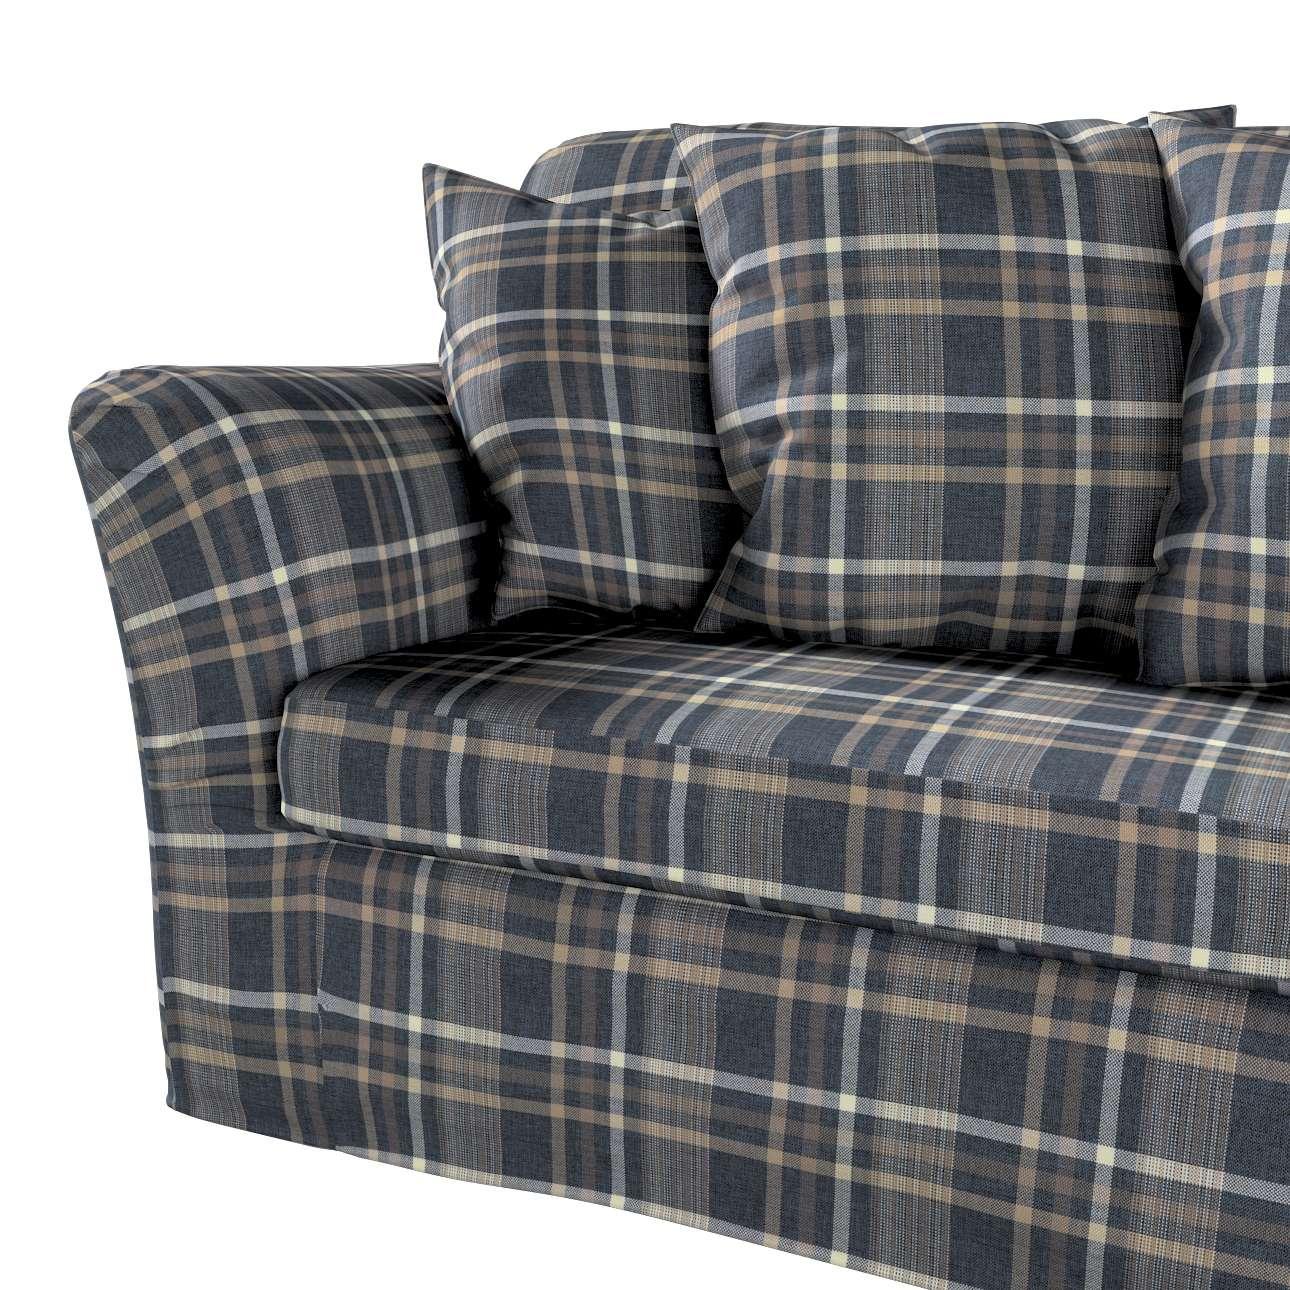 Pokrowiec na sofę Tomelilla 3-osobową rozkładaną w kolekcji Edinburgh, tkanina: 703-16